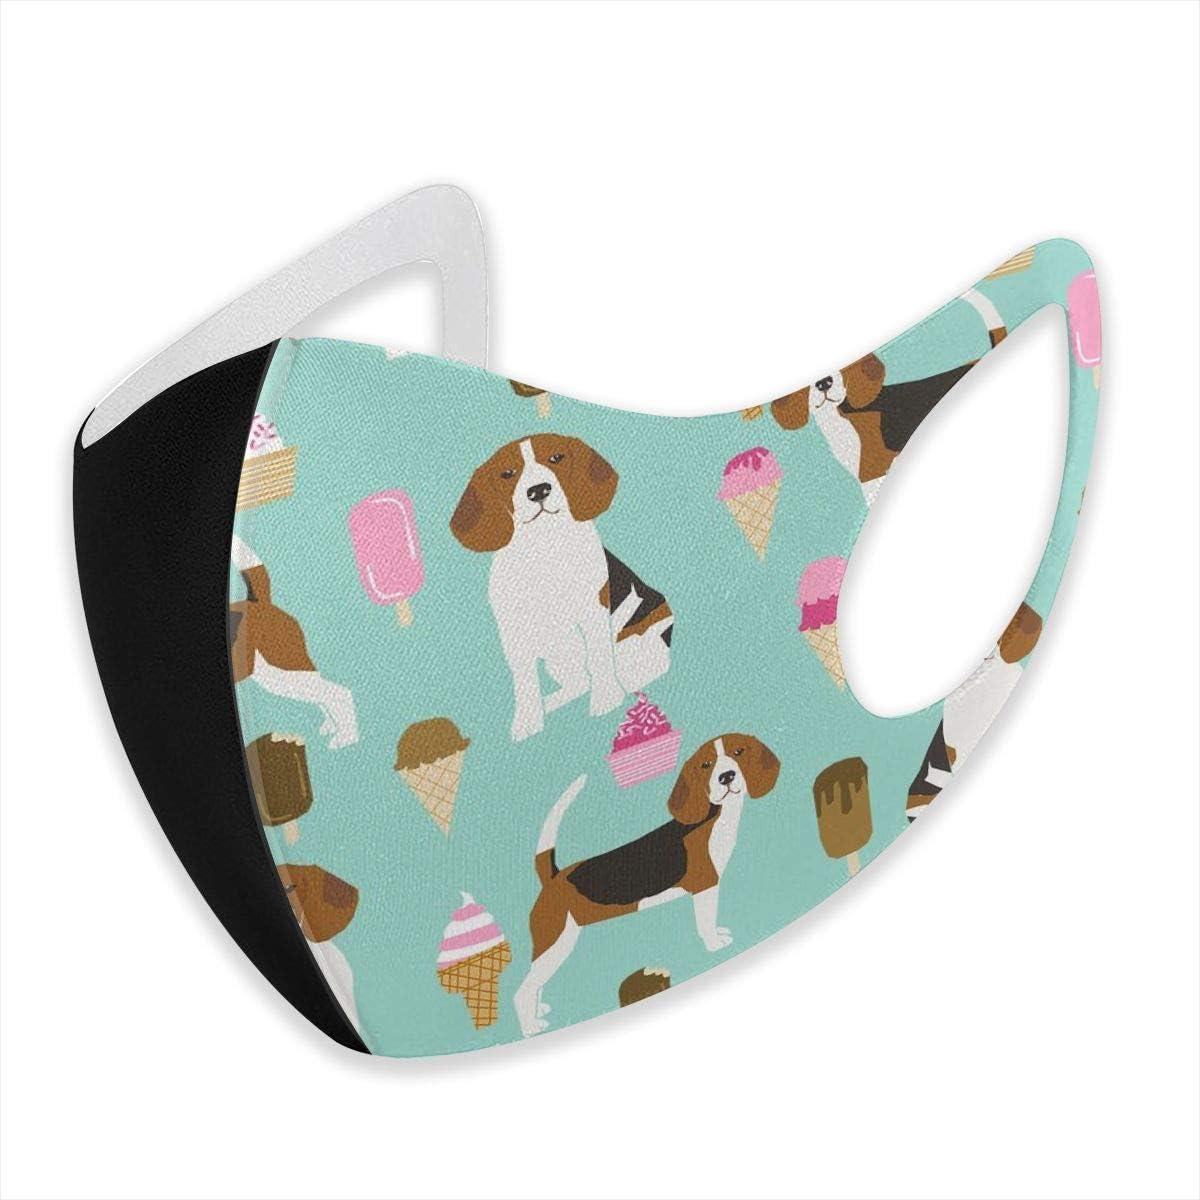 Beagle Ice Cream Dog Raza Verano Postre Comida Menta al Aire Libre Paseo Mascarillas Decorativas Antipolvo, cálidas, Transpirables y Lavables